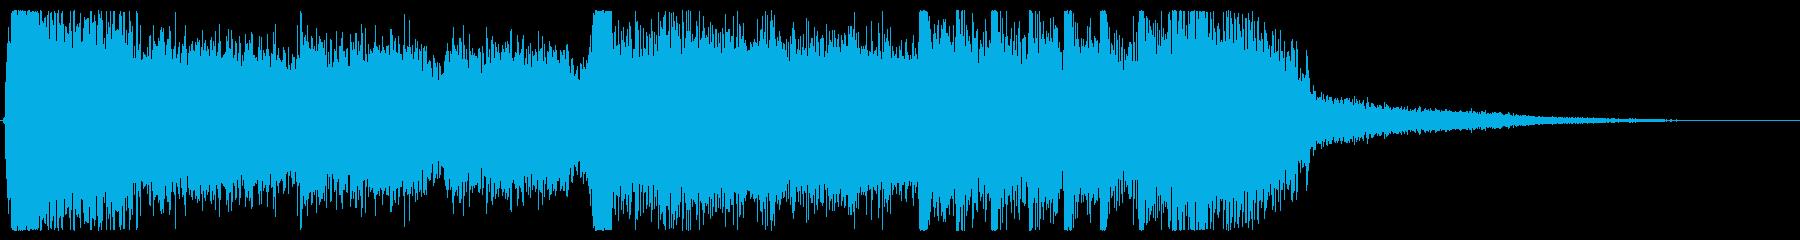 ジングル5秒でテンションMAX!ロック!の再生済みの波形